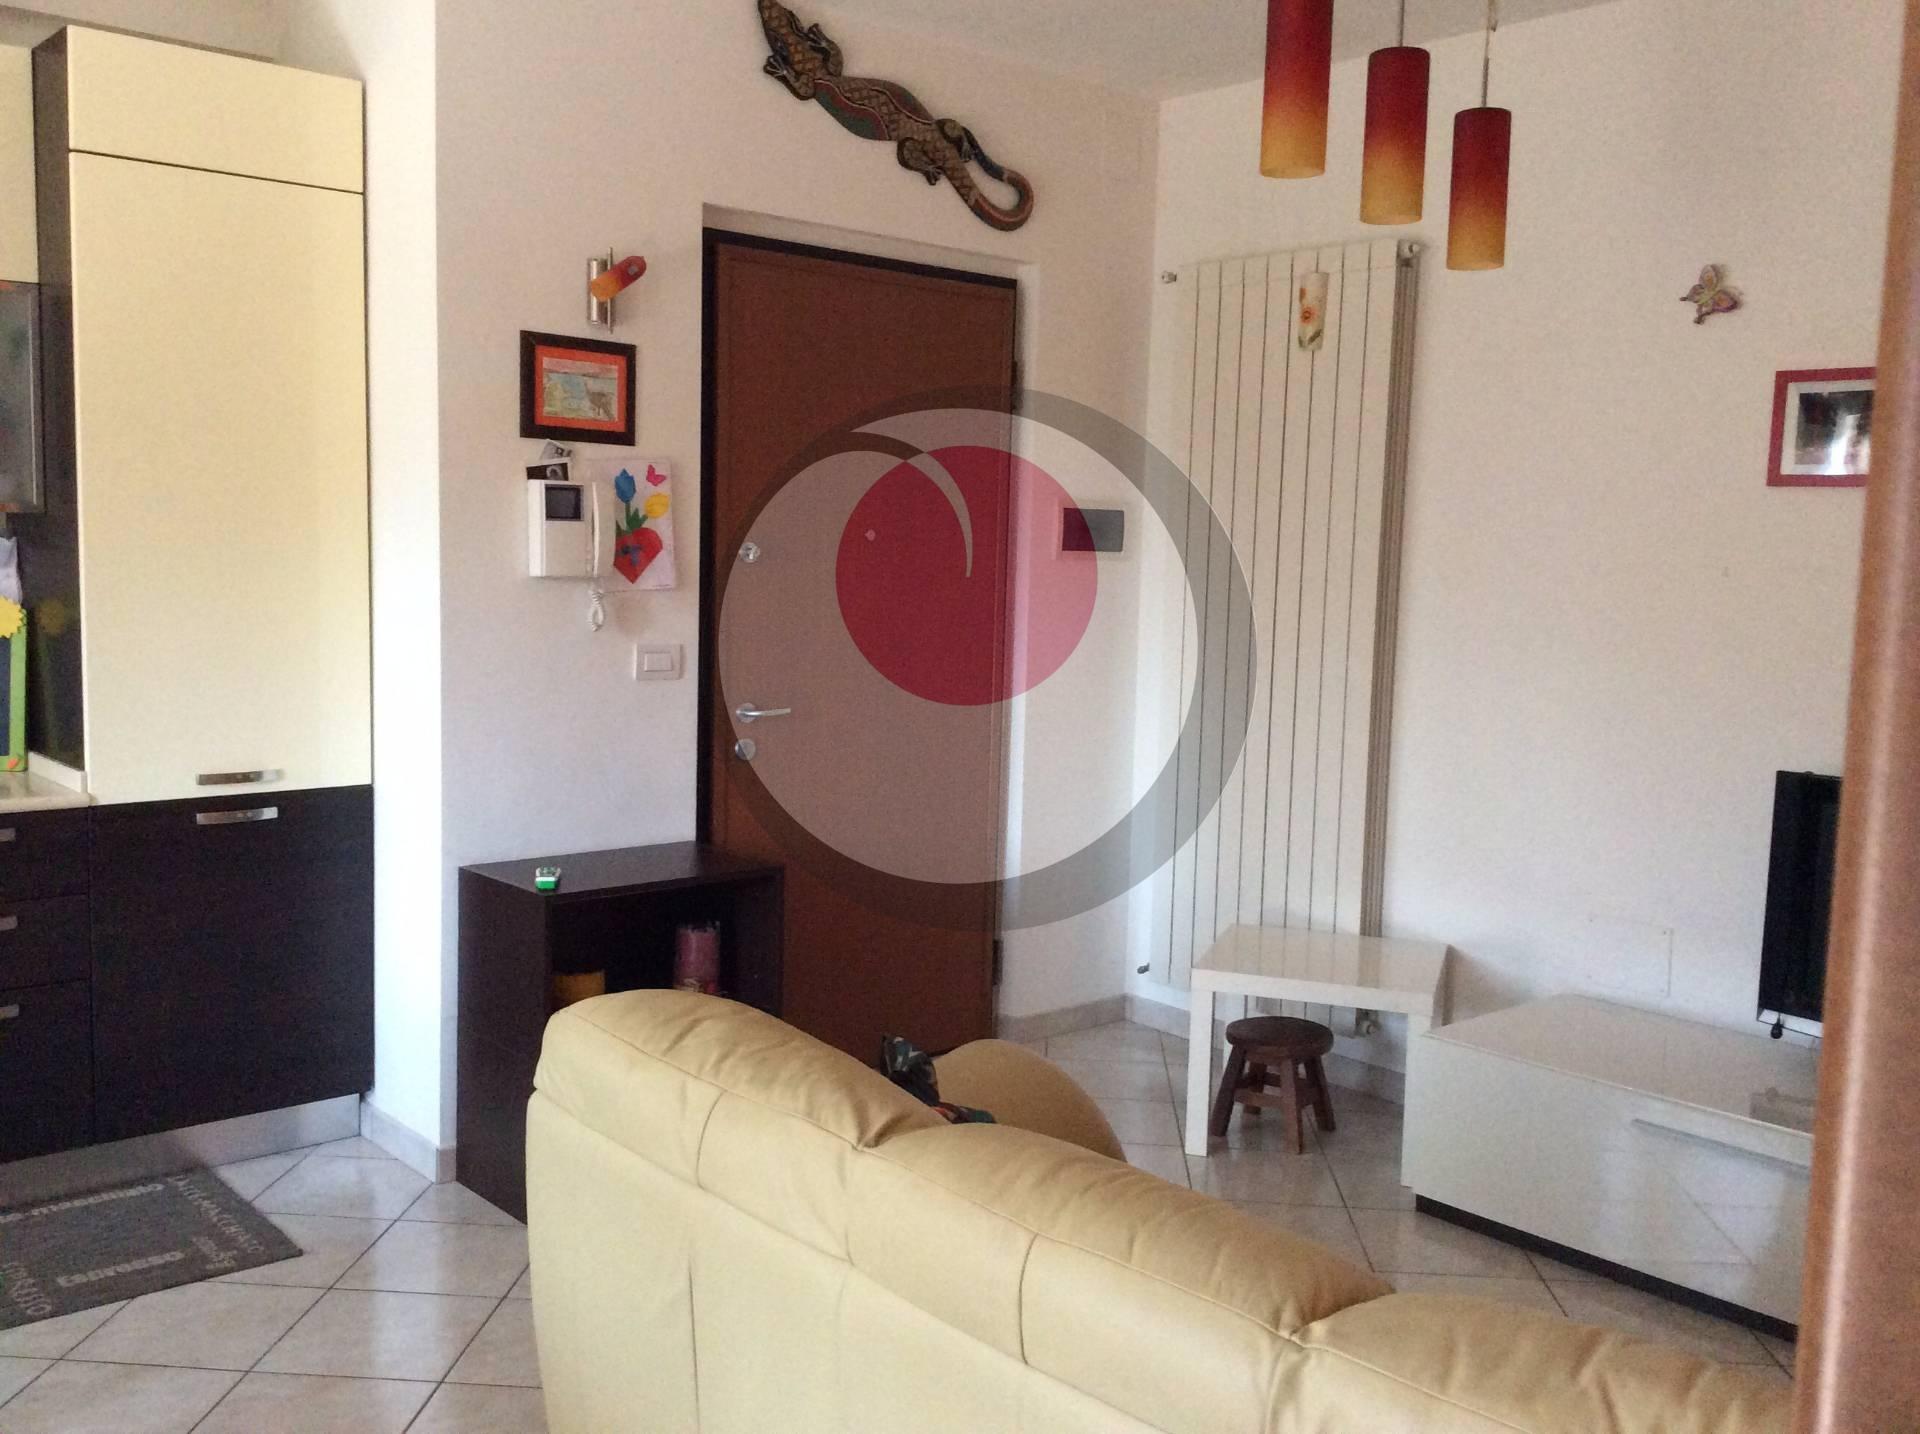 Appartamento in vendita a Castel Frentano, 5 locali, prezzo € 110.000 | CambioCasa.it